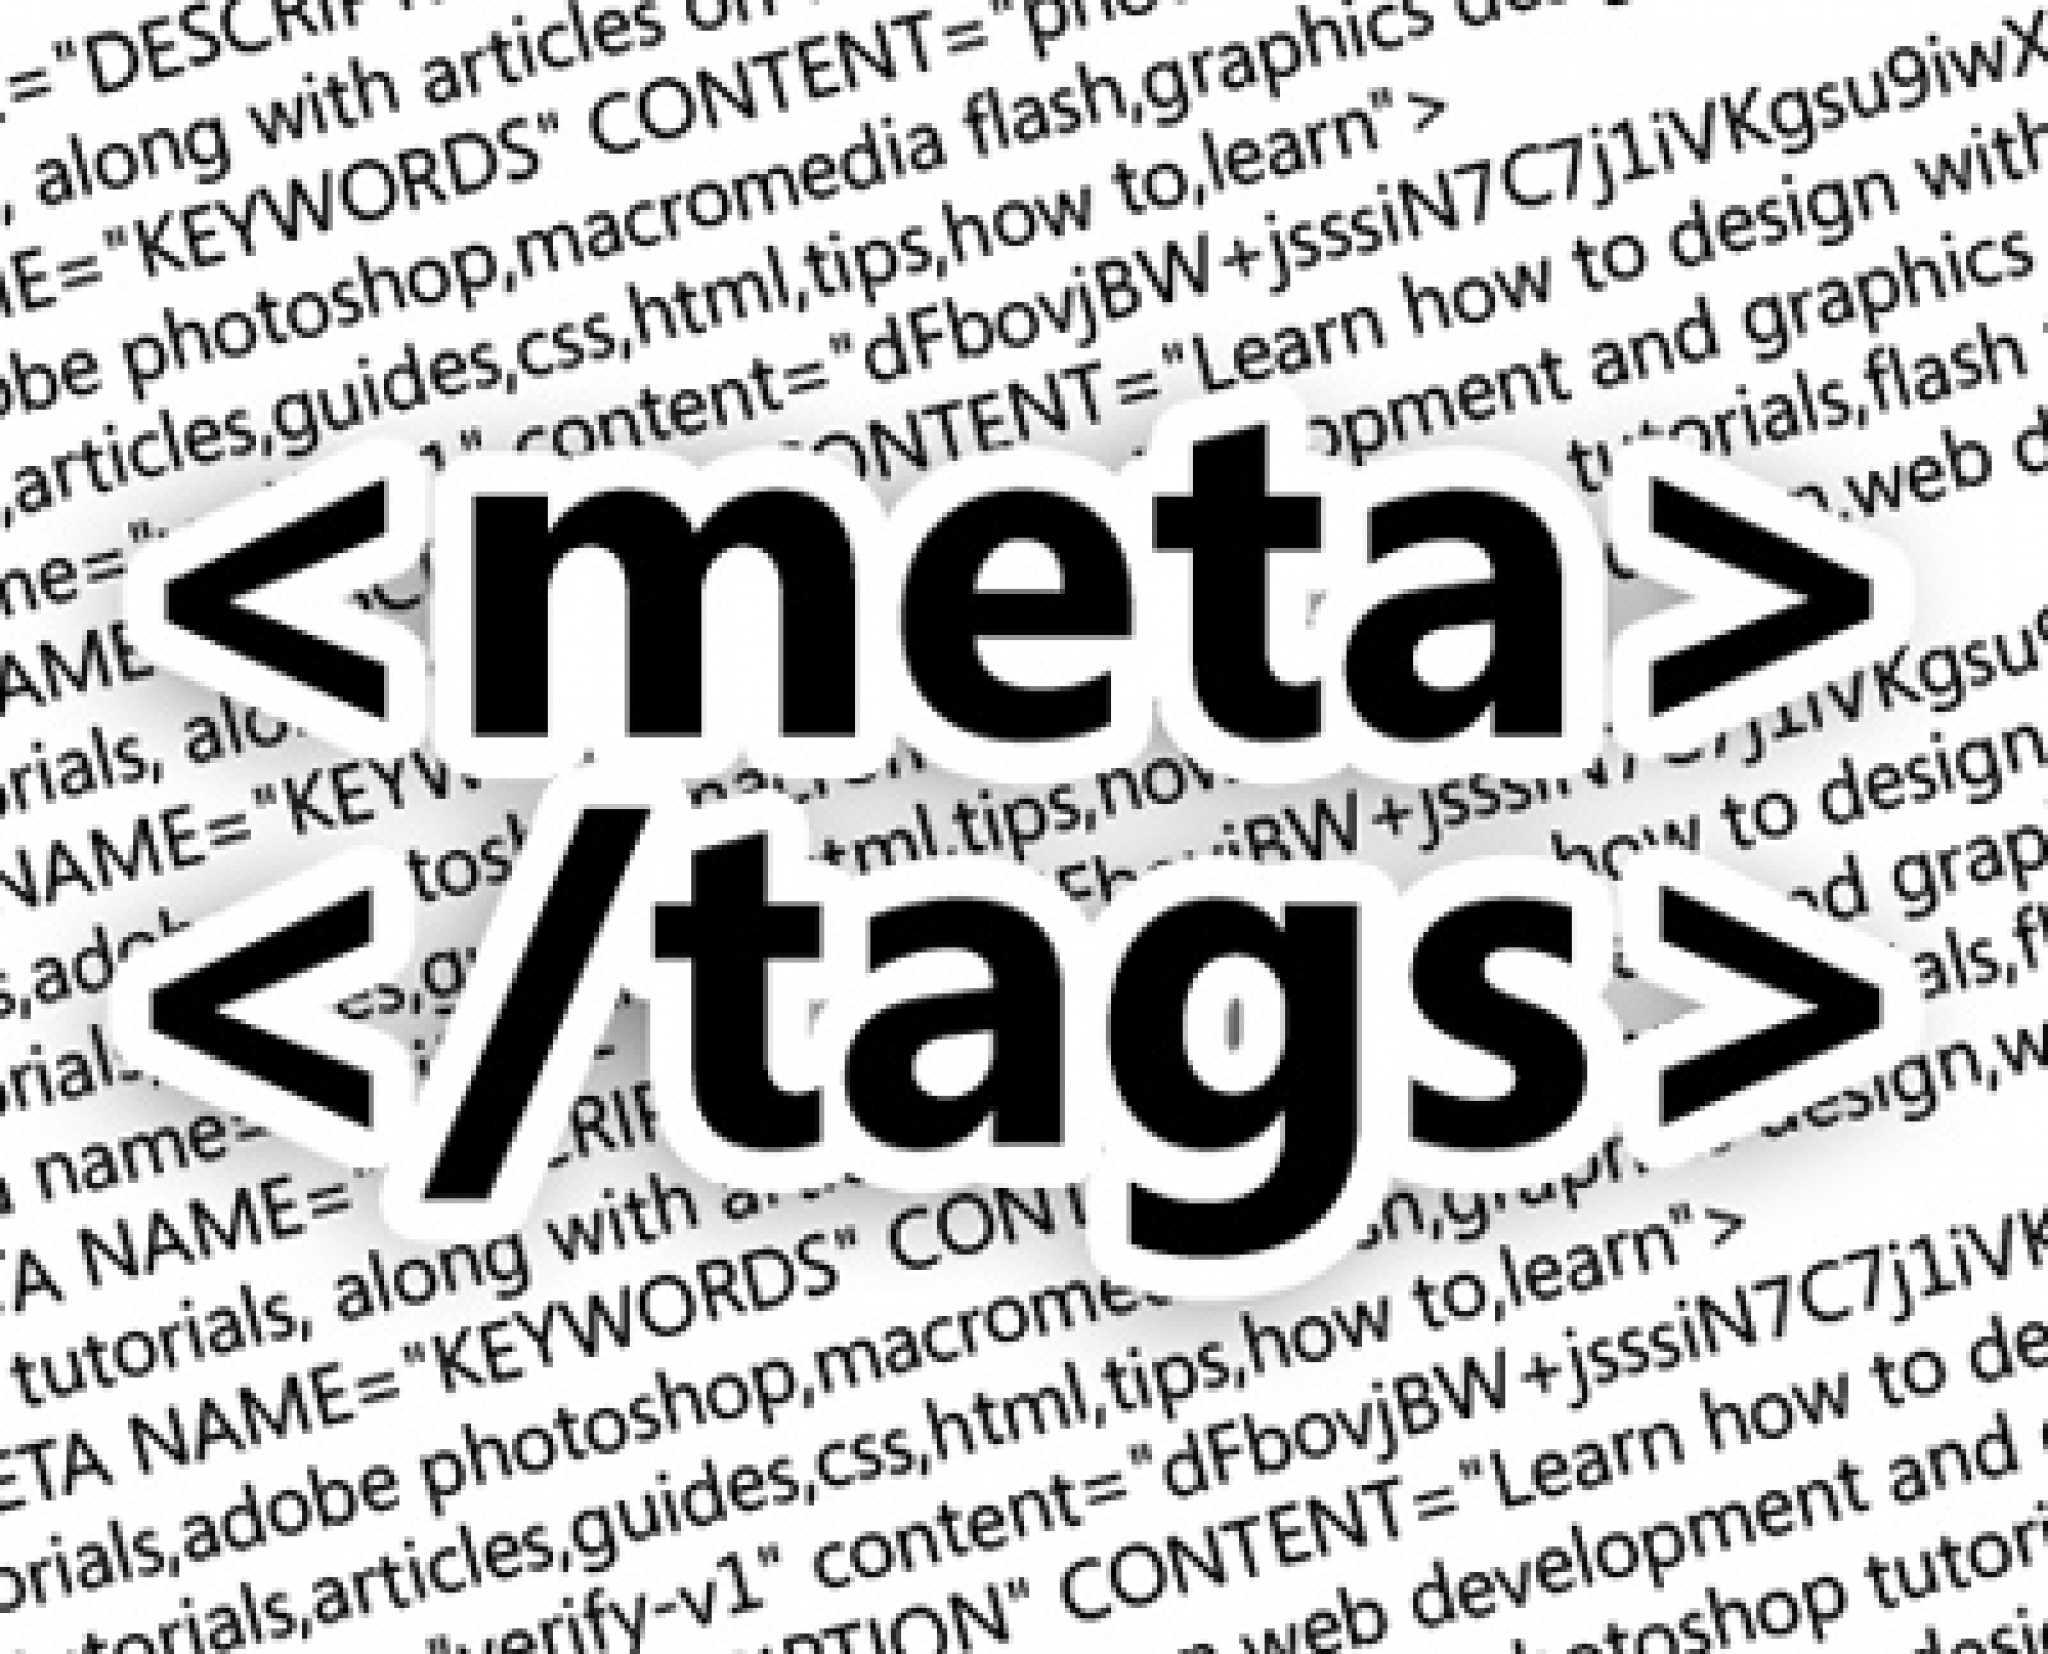 Como funcionam os sites?